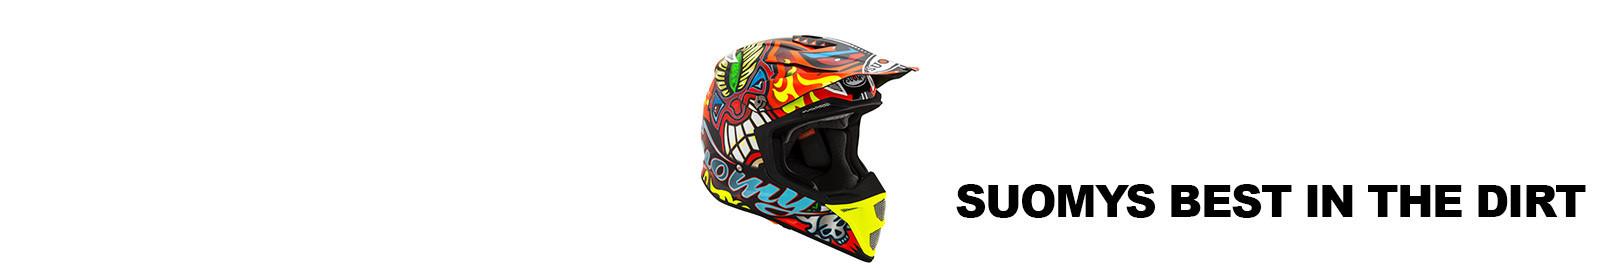 Suomy MX Speed Helmets